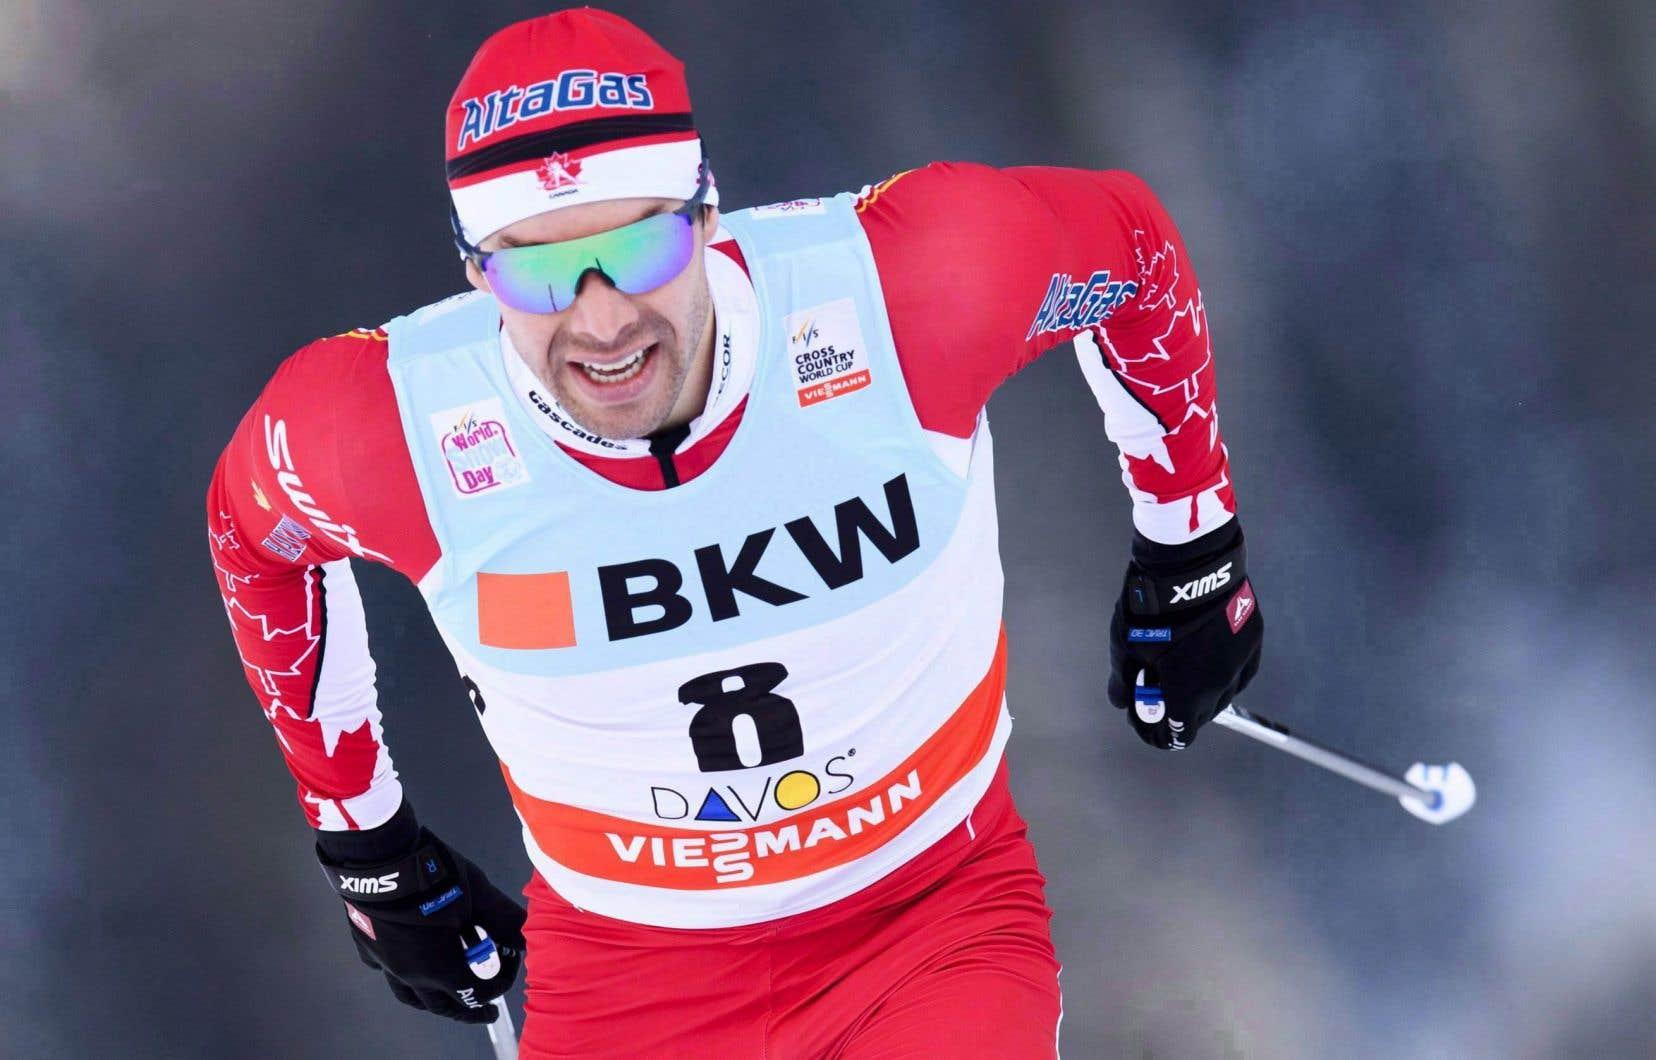 Le Québécois Alex Harvey a inscrit une 14eplace sur 15km au Tour de ski, dimanche.